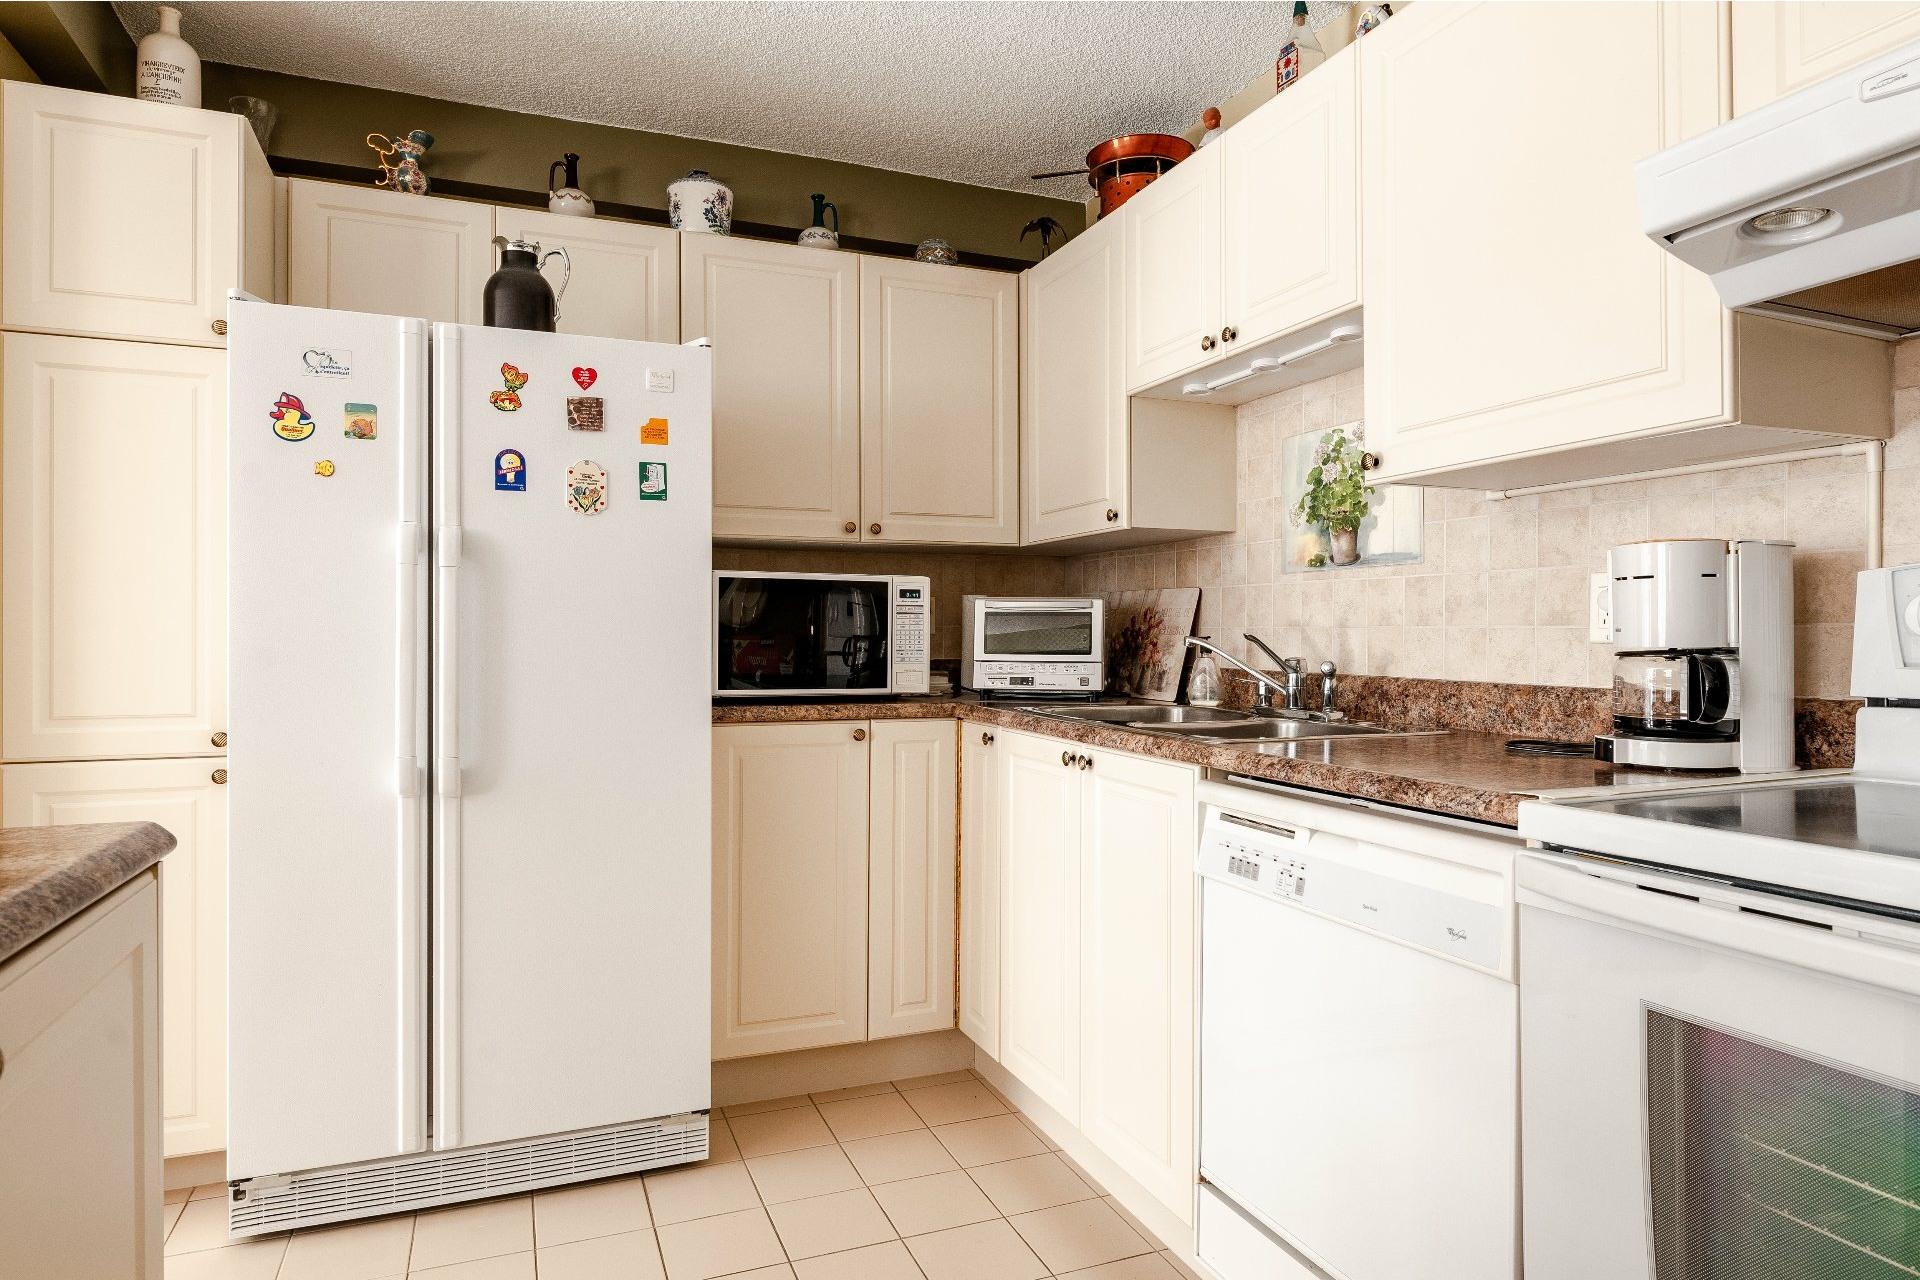 image 8 - Apartment For sale Pierrefonds-Roxboro Montréal  - 5 rooms